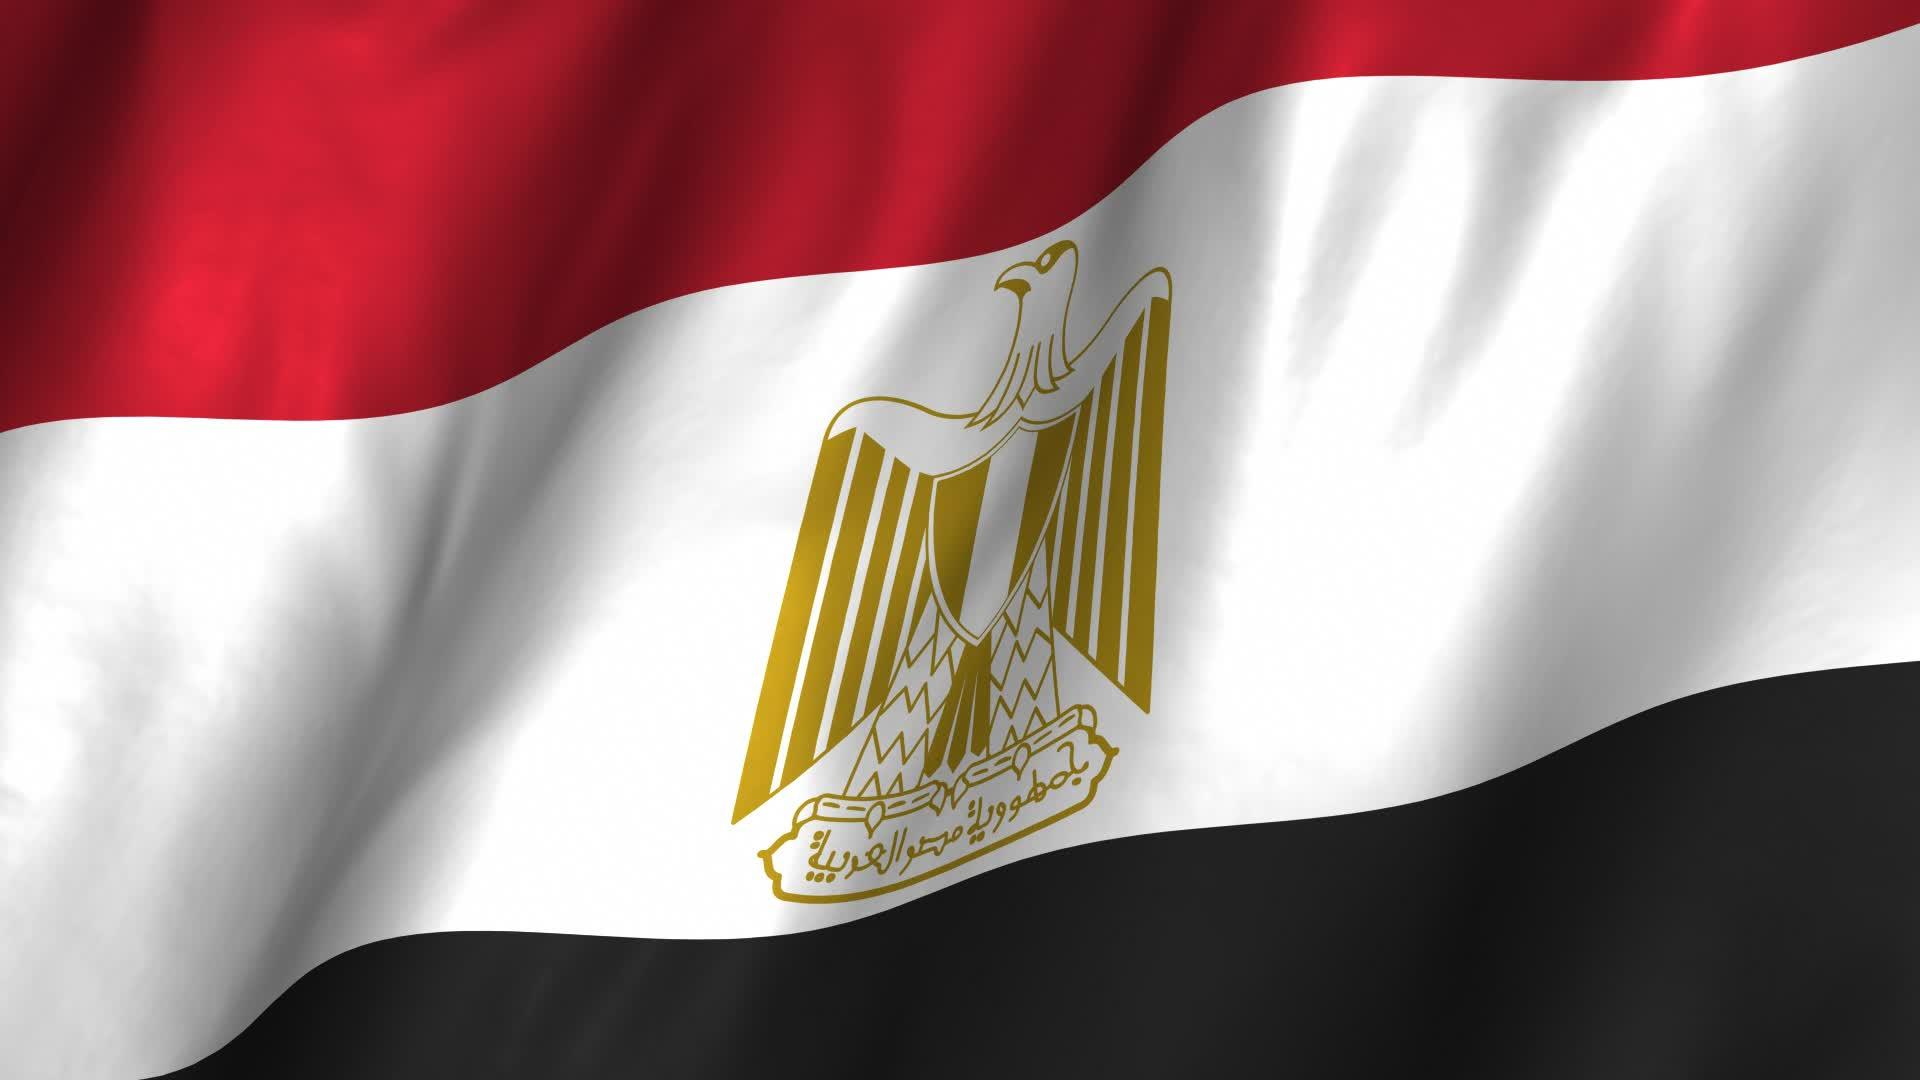 صورة صور لعلم مصر , تصاميم جميله لعلم مصر